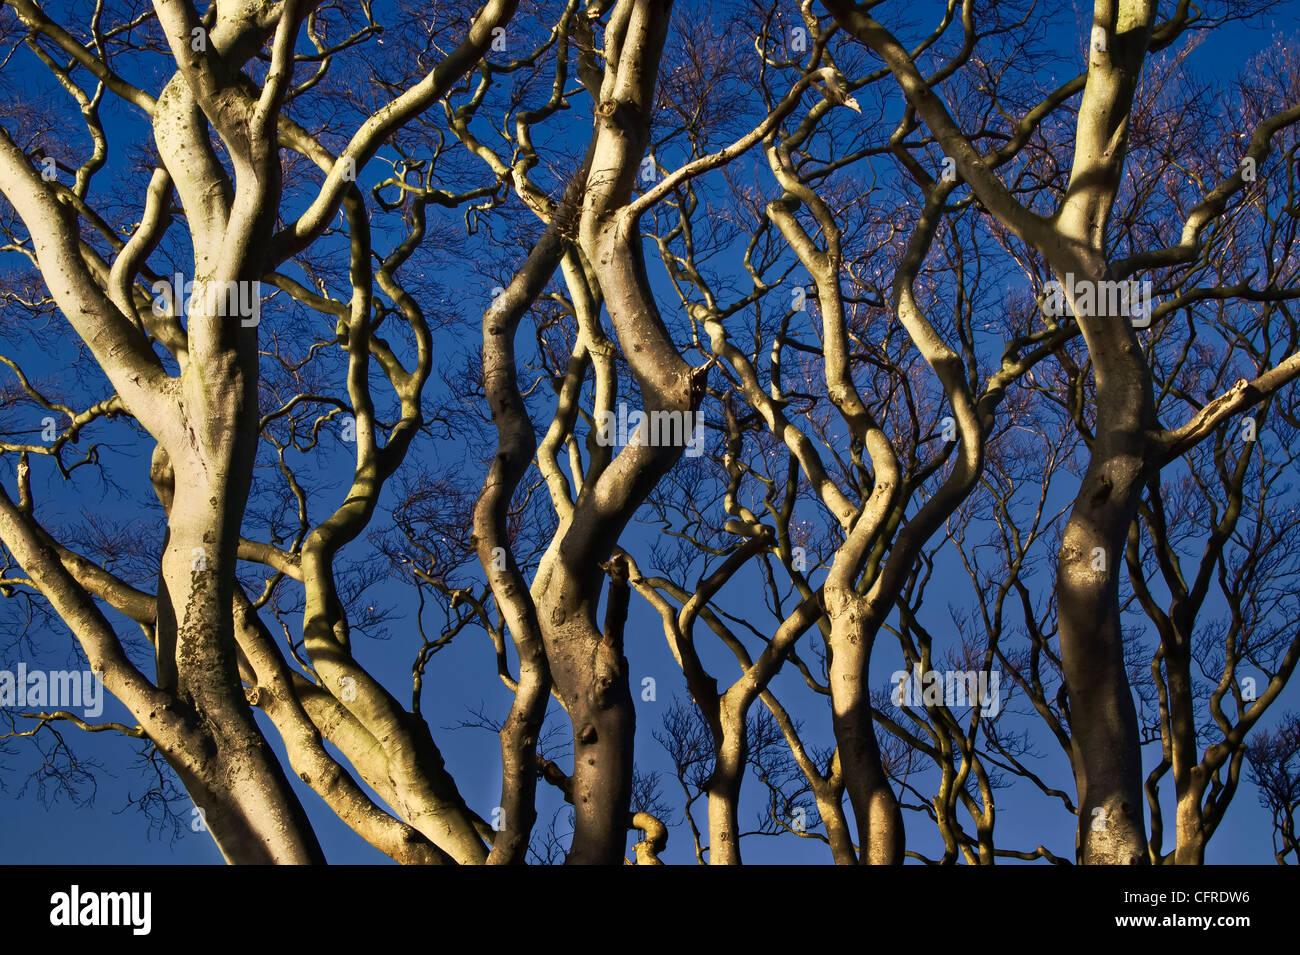 Nackten Sie Äste im Winter, mit Sonnenlicht und Schatten Sie machen Muster. Stockfoto